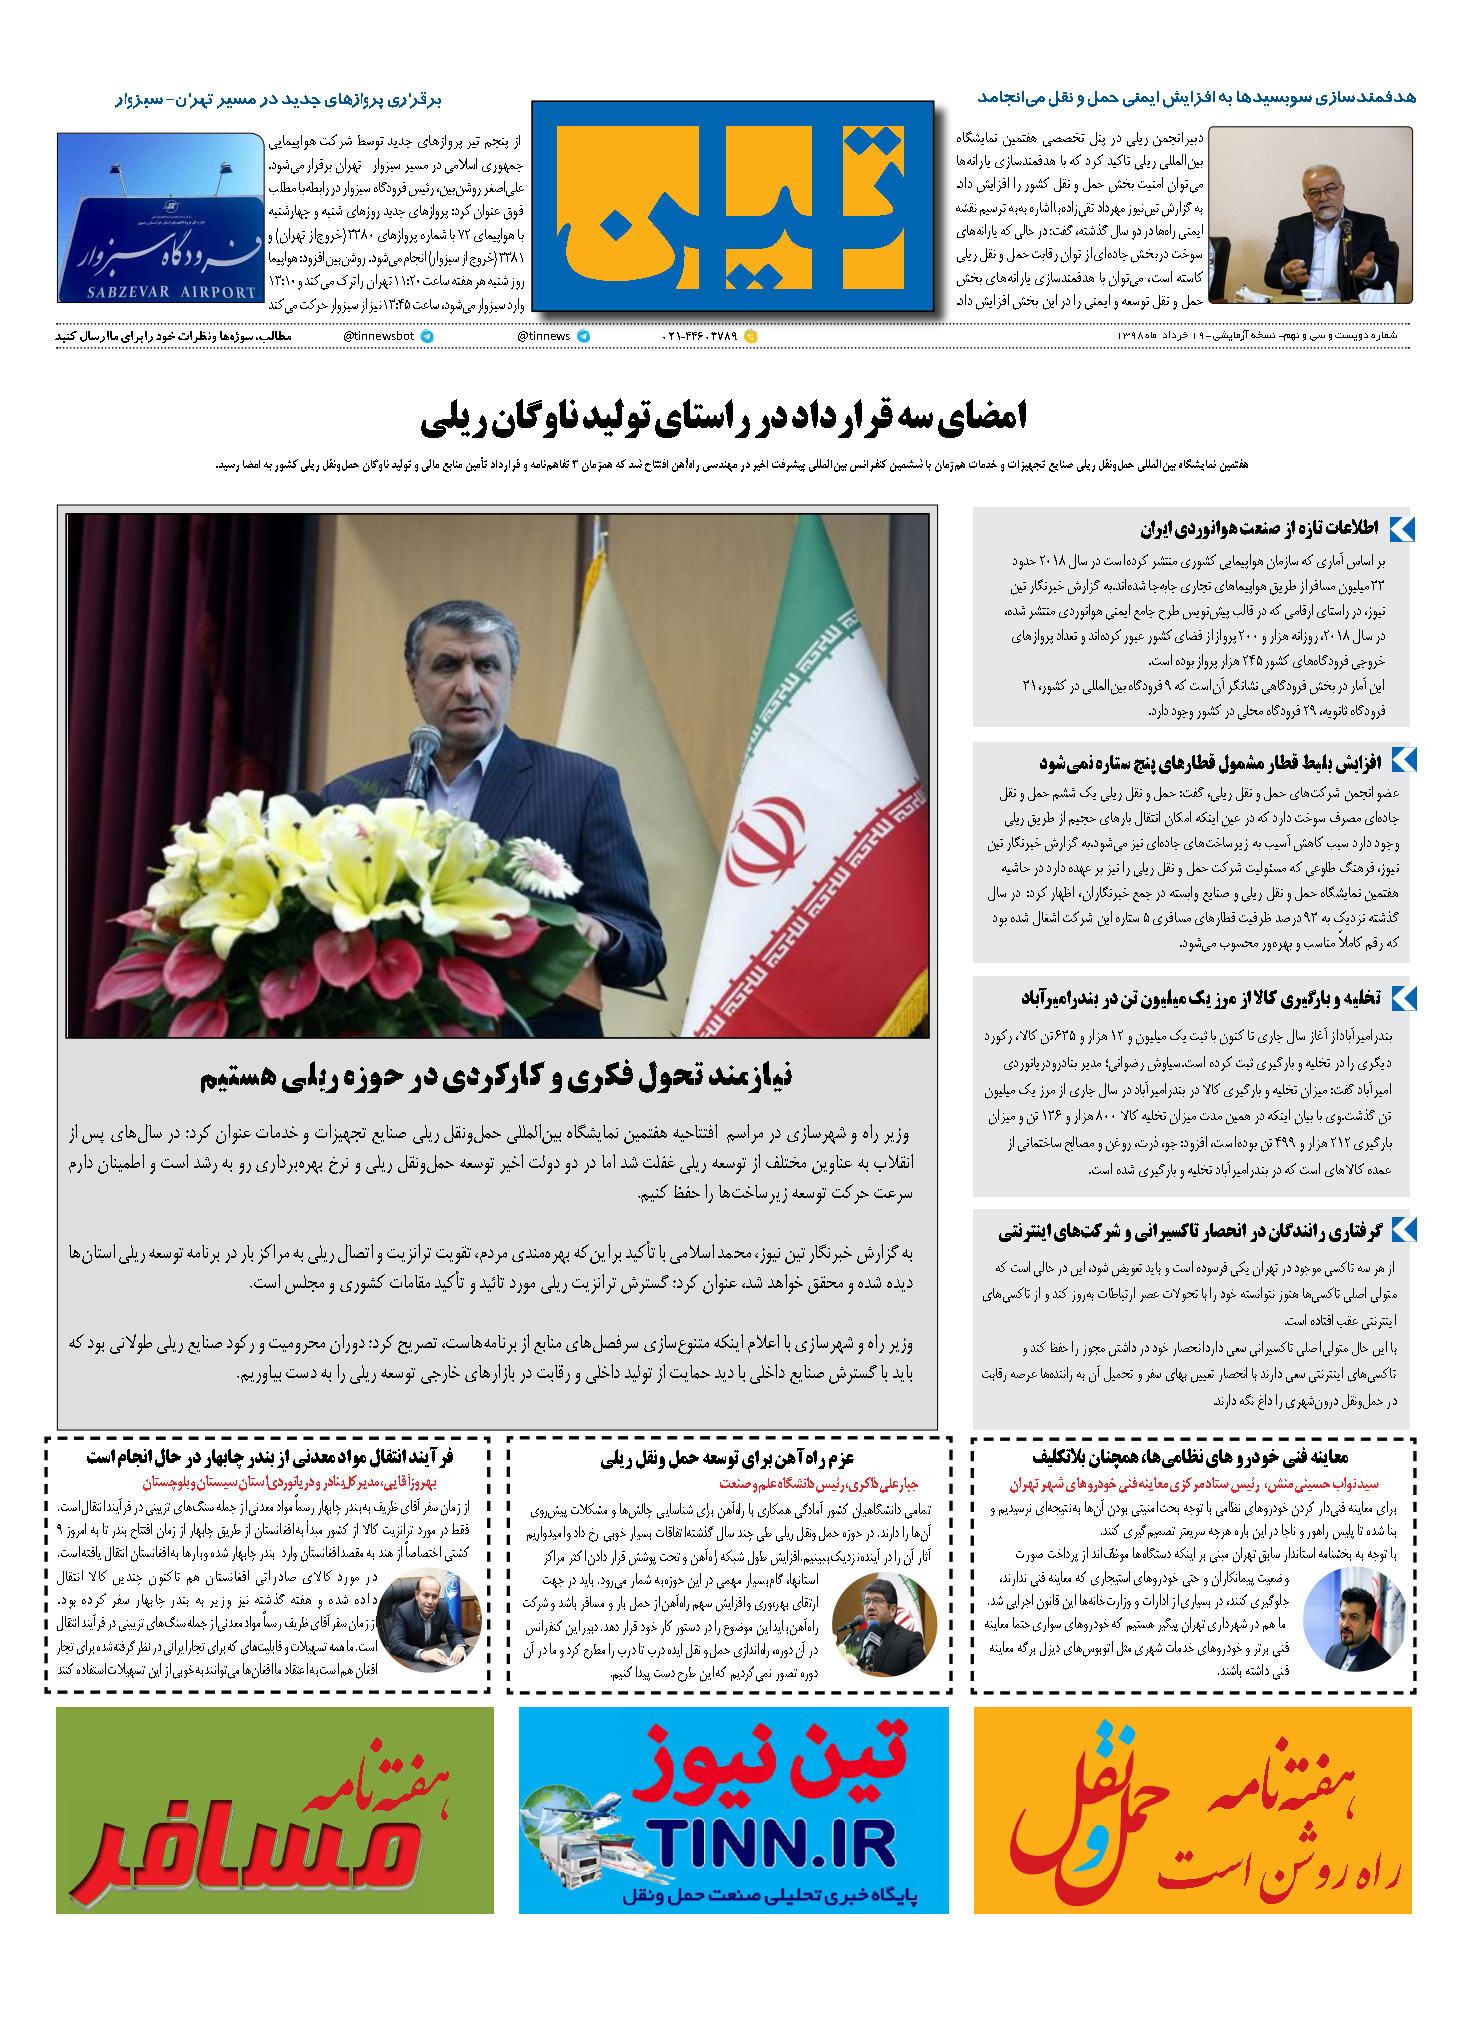 روزنامه الکترونیک 19 خرداد ماه 98